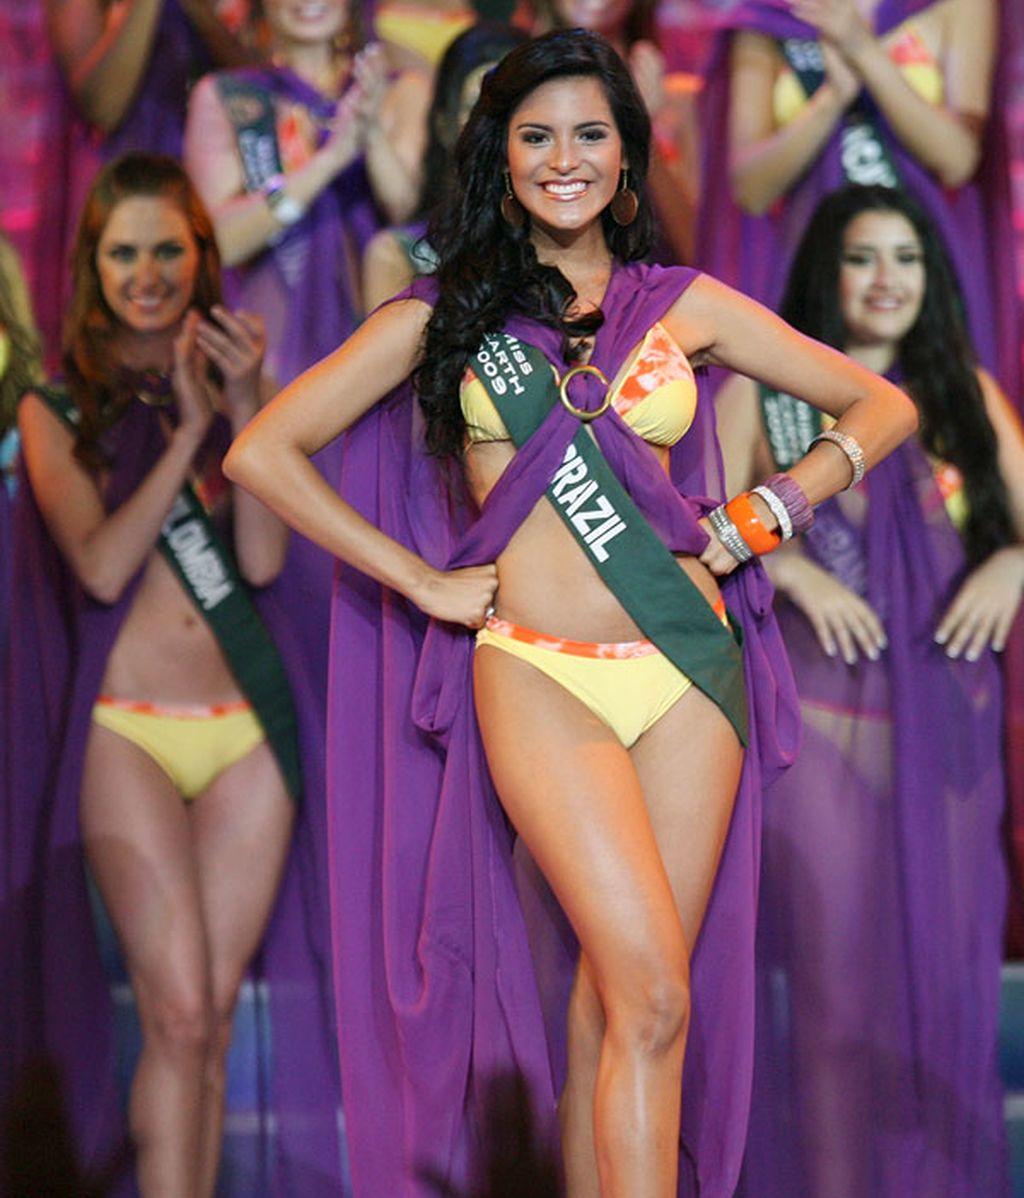 """La brasileña Larissa Ramos ha sido coronada """"Miss Tierra"""" en el certamen internacional de belleza celebrado en Filipinas, y al que se presentaron aspirantes de unos 80 países."""